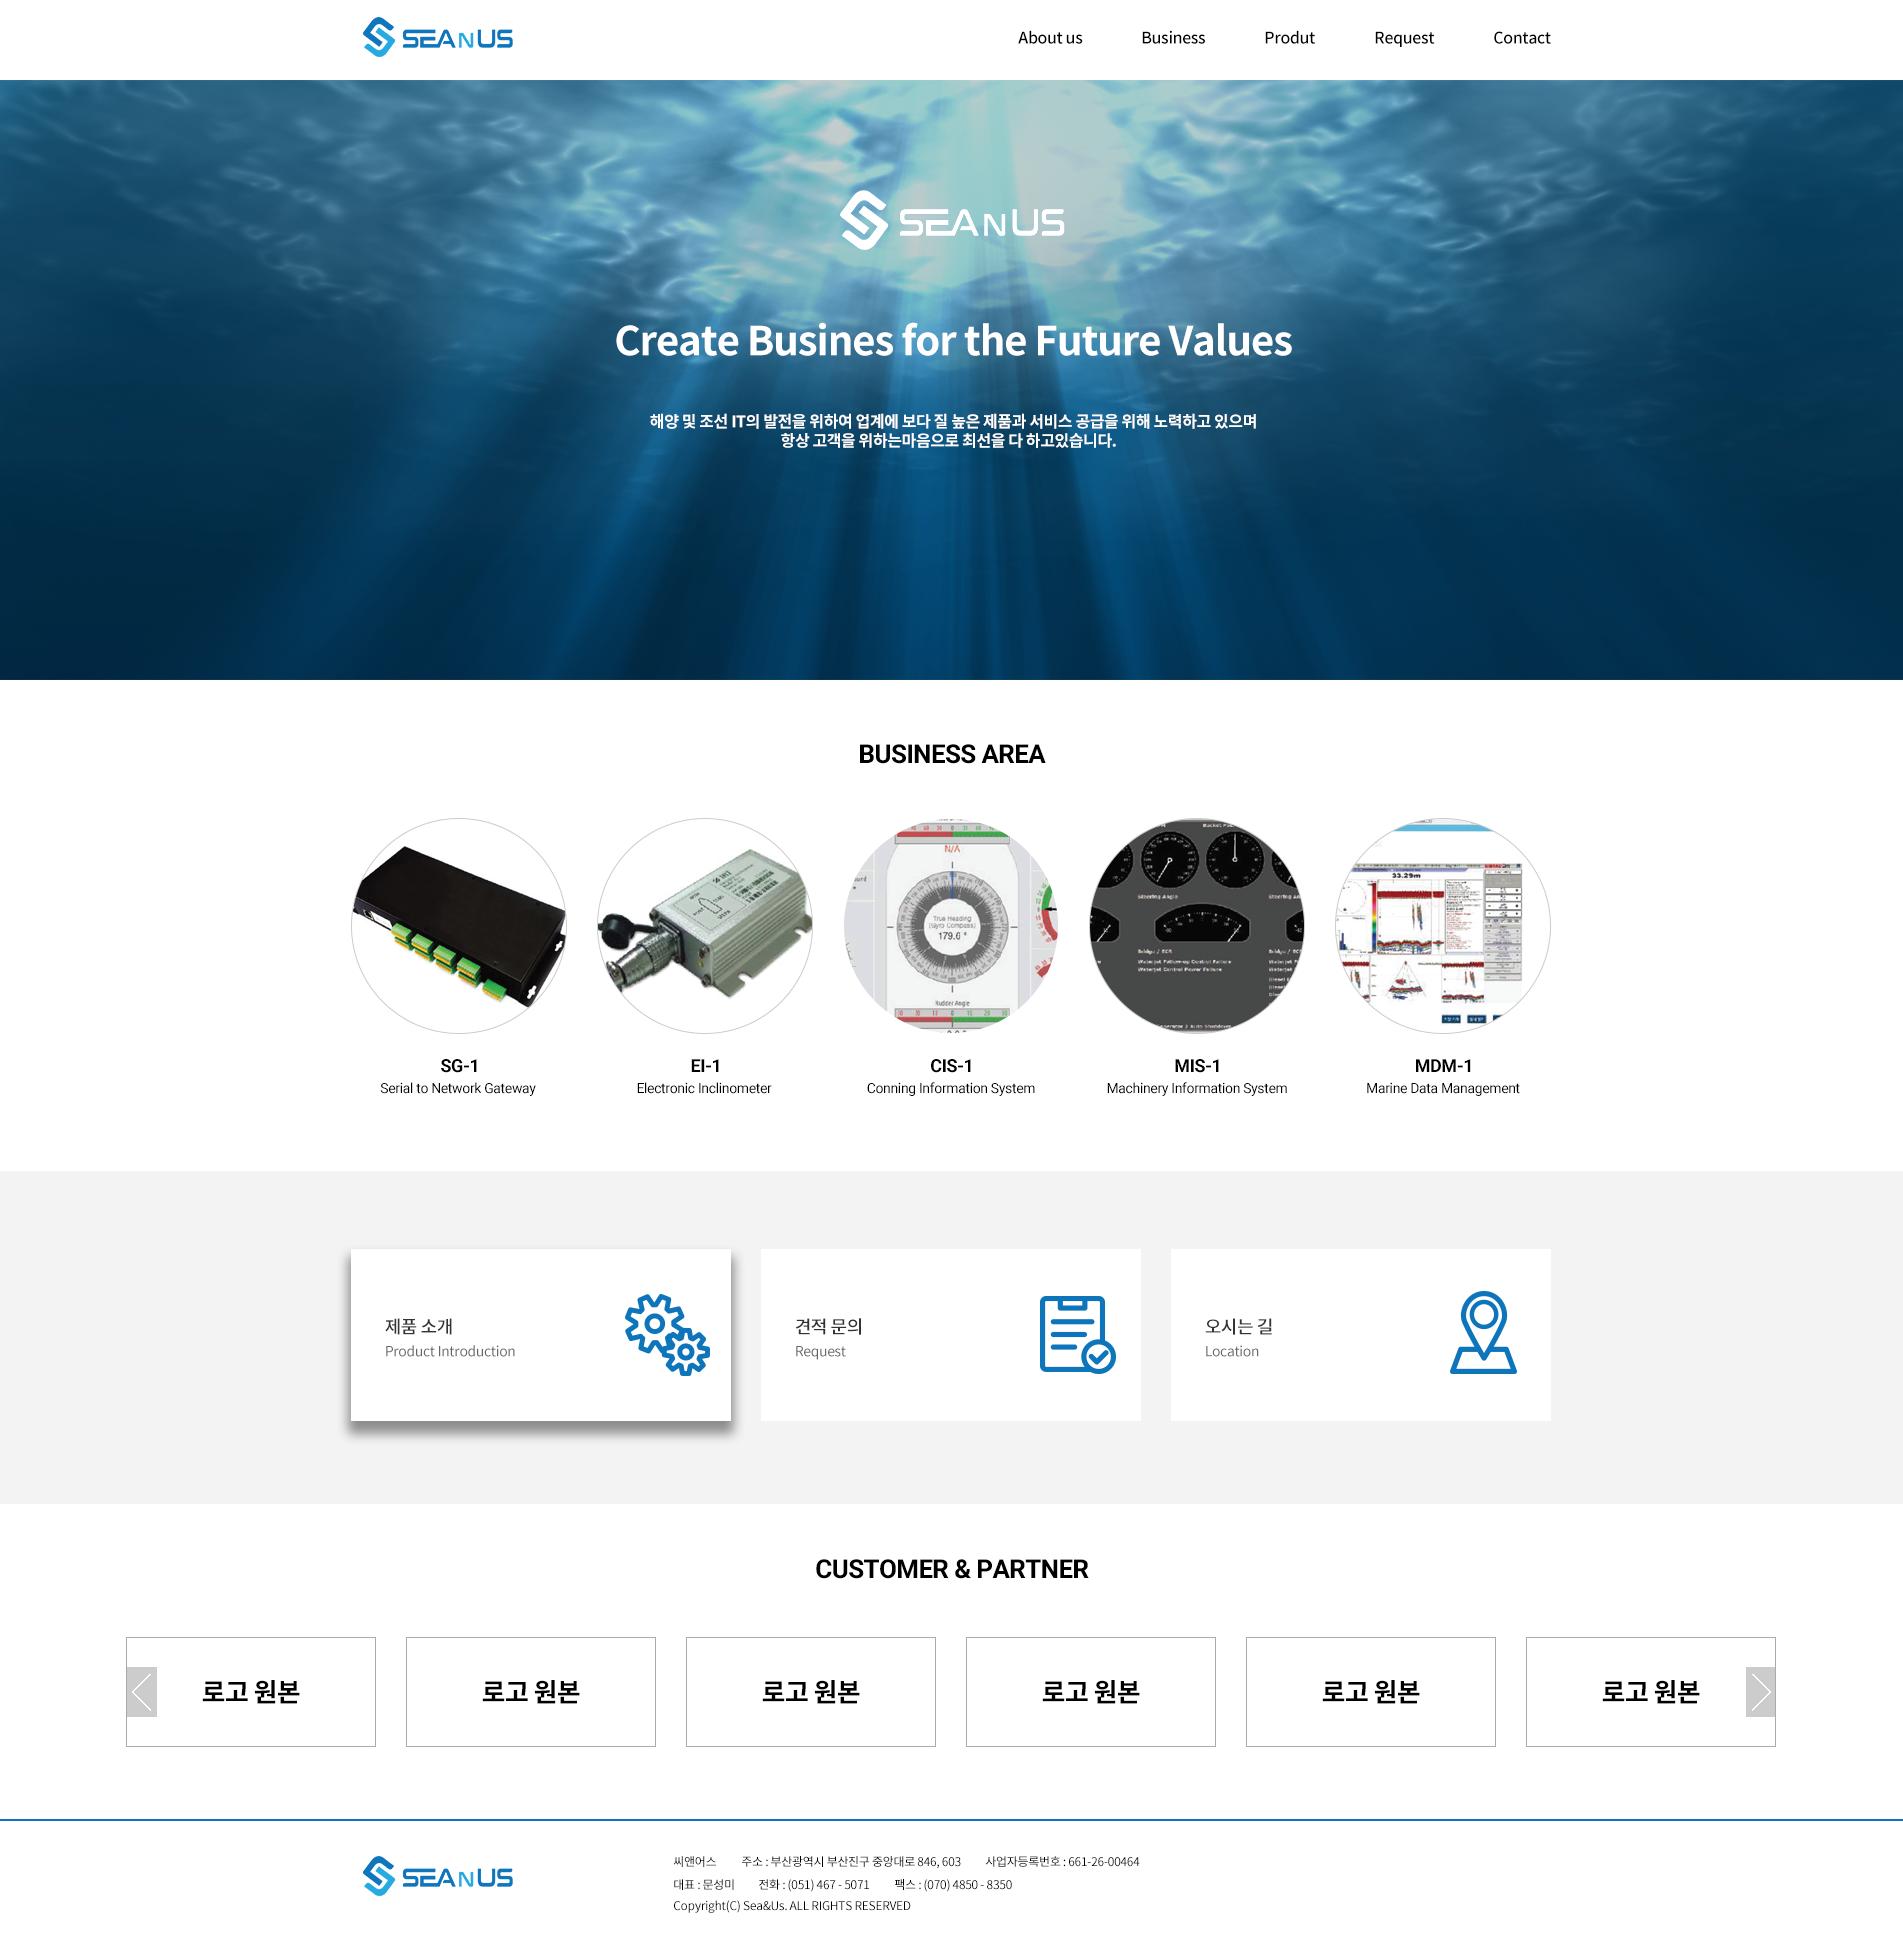 [반응형 회사홈페이지] 해양, 조선, 선박 IT 소프트웨어 및 하드웨어 구축 전문기업 주식회사 씨앤어스